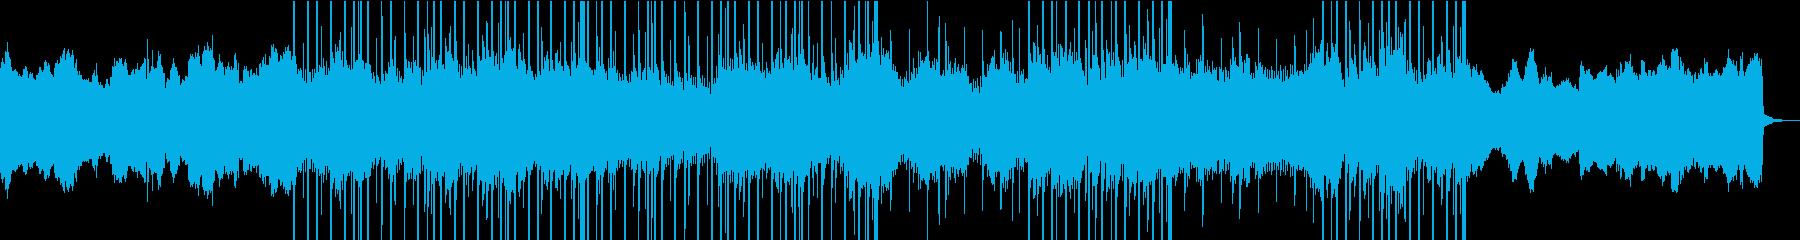 洋楽、ダーク、トラップ、ビートの再生済みの波形